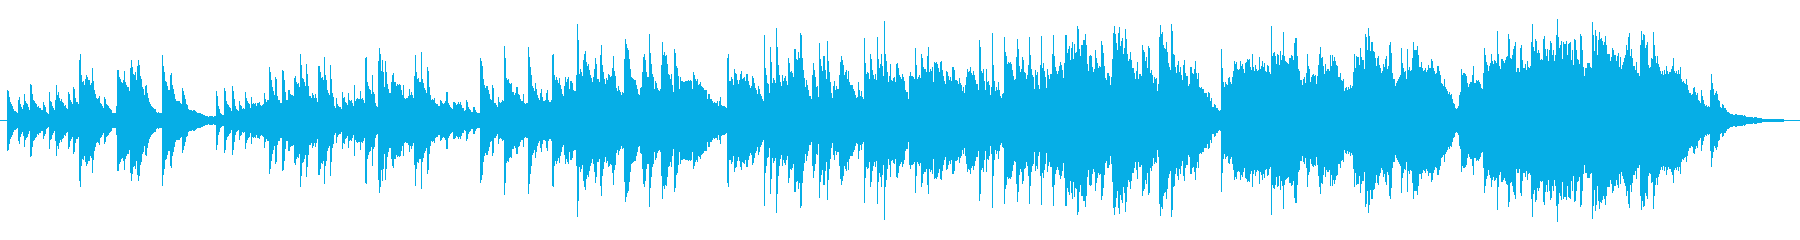 シックでゆったりしたピアノメロディーの再生済みの波形